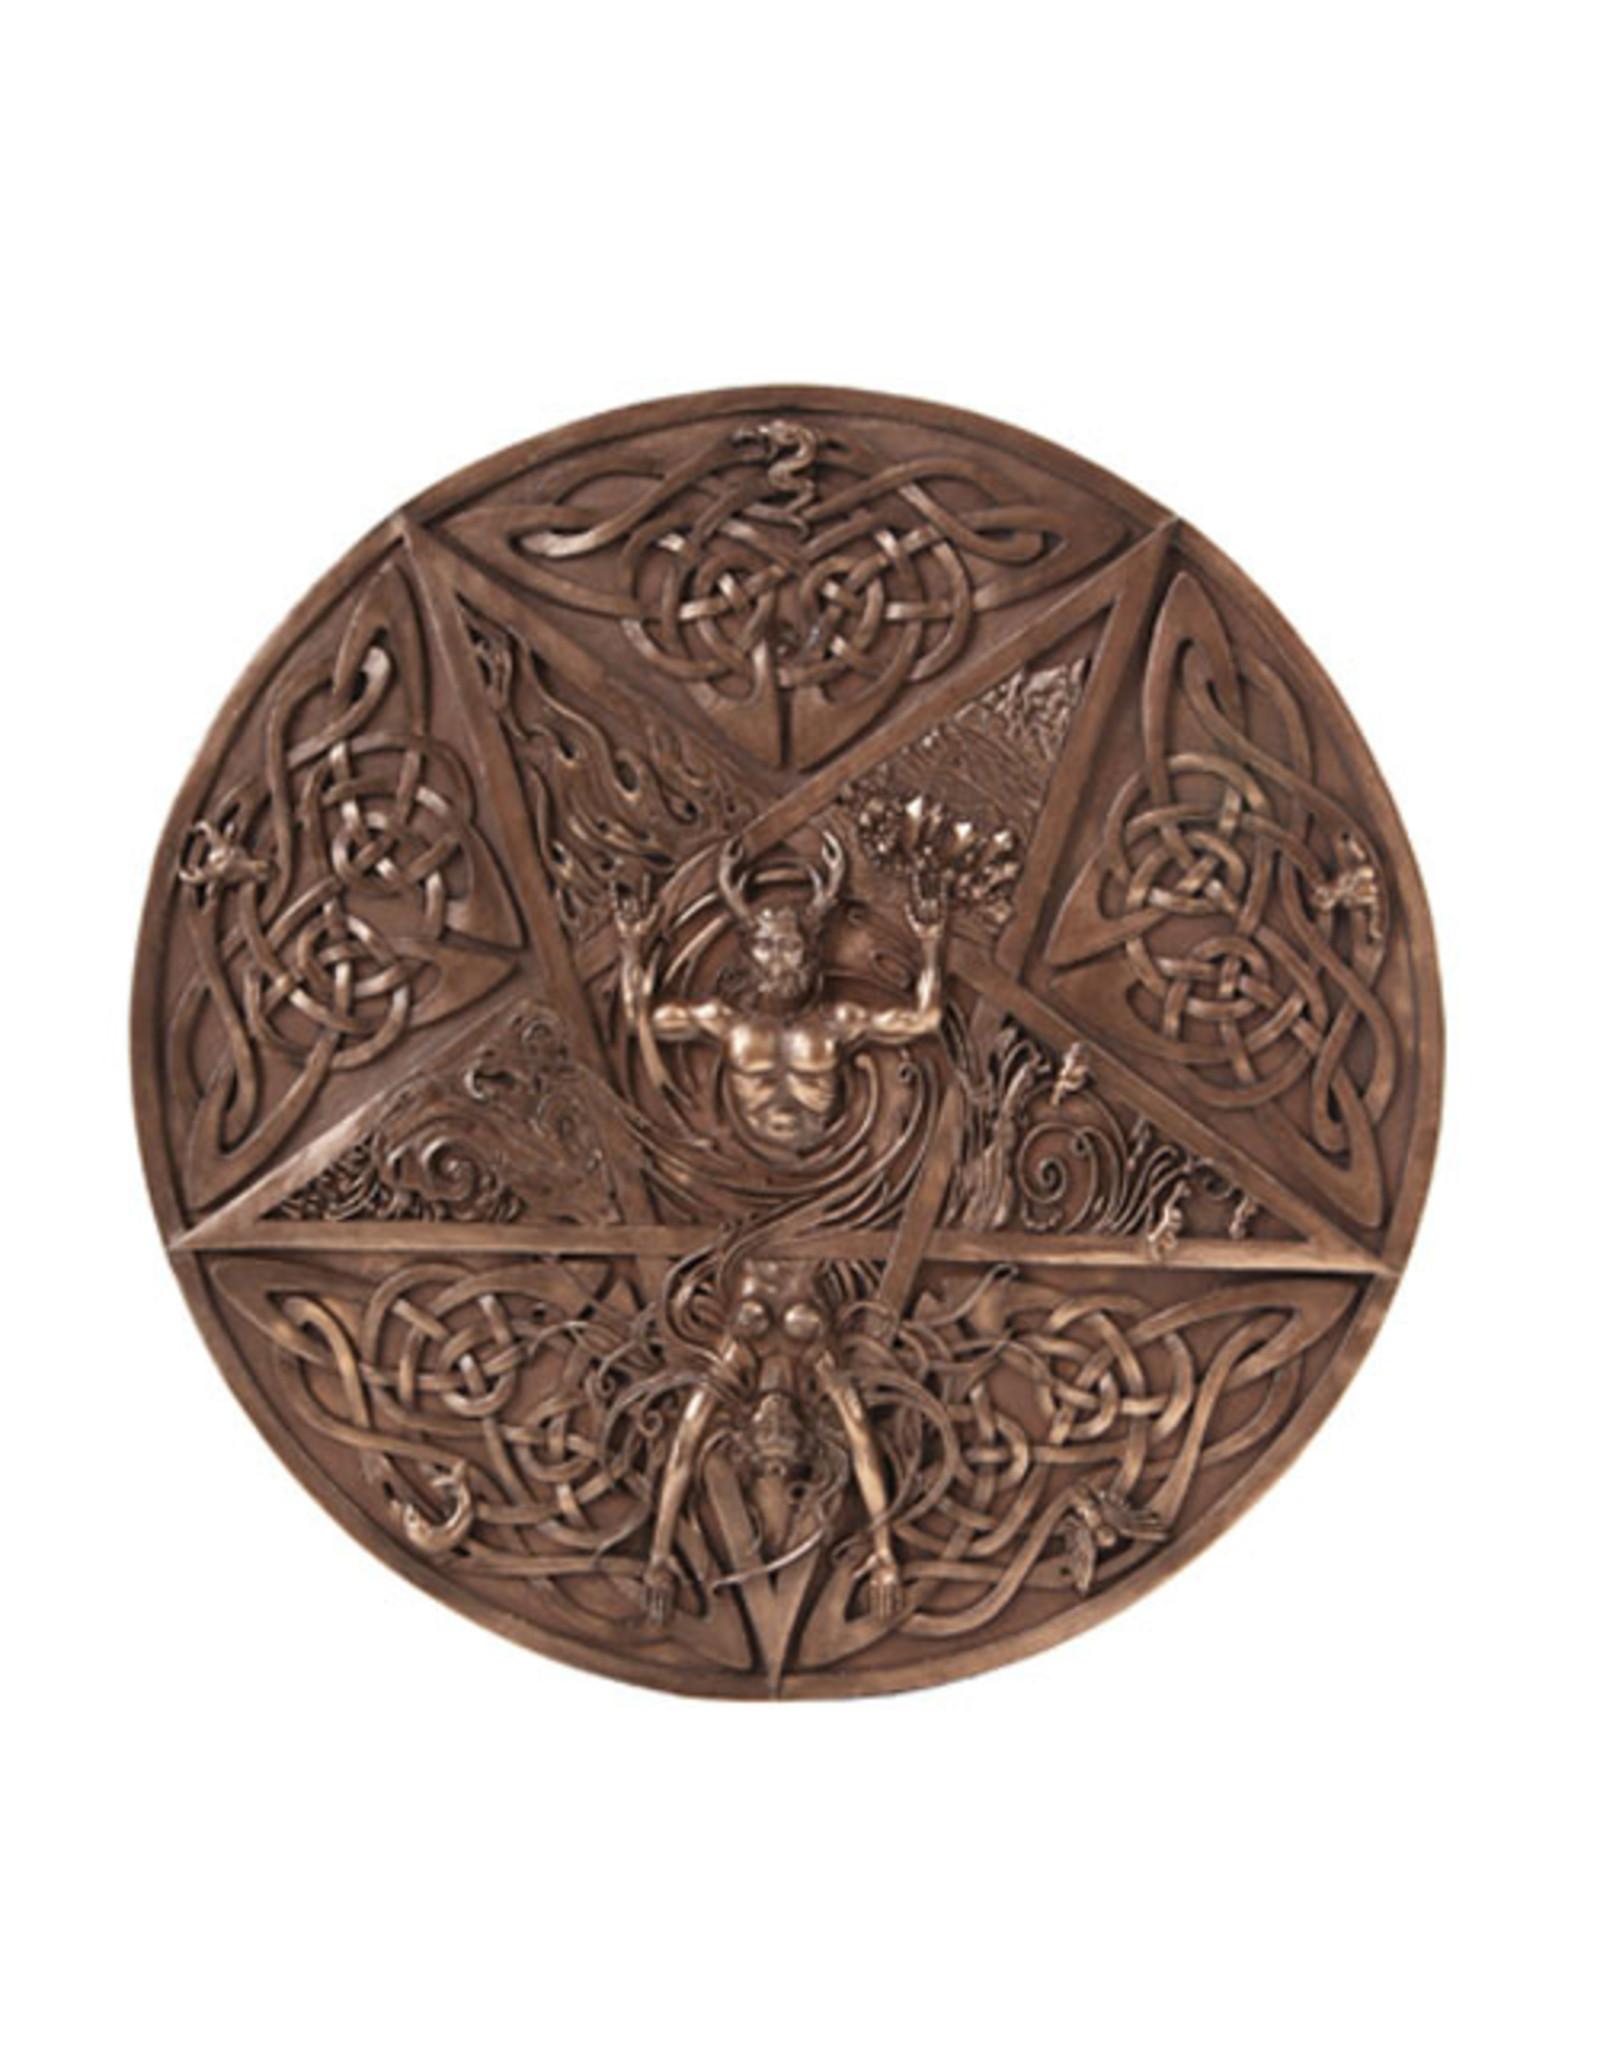 Horned God & Goddess Elemental Plaque in Cold Cast Bronze